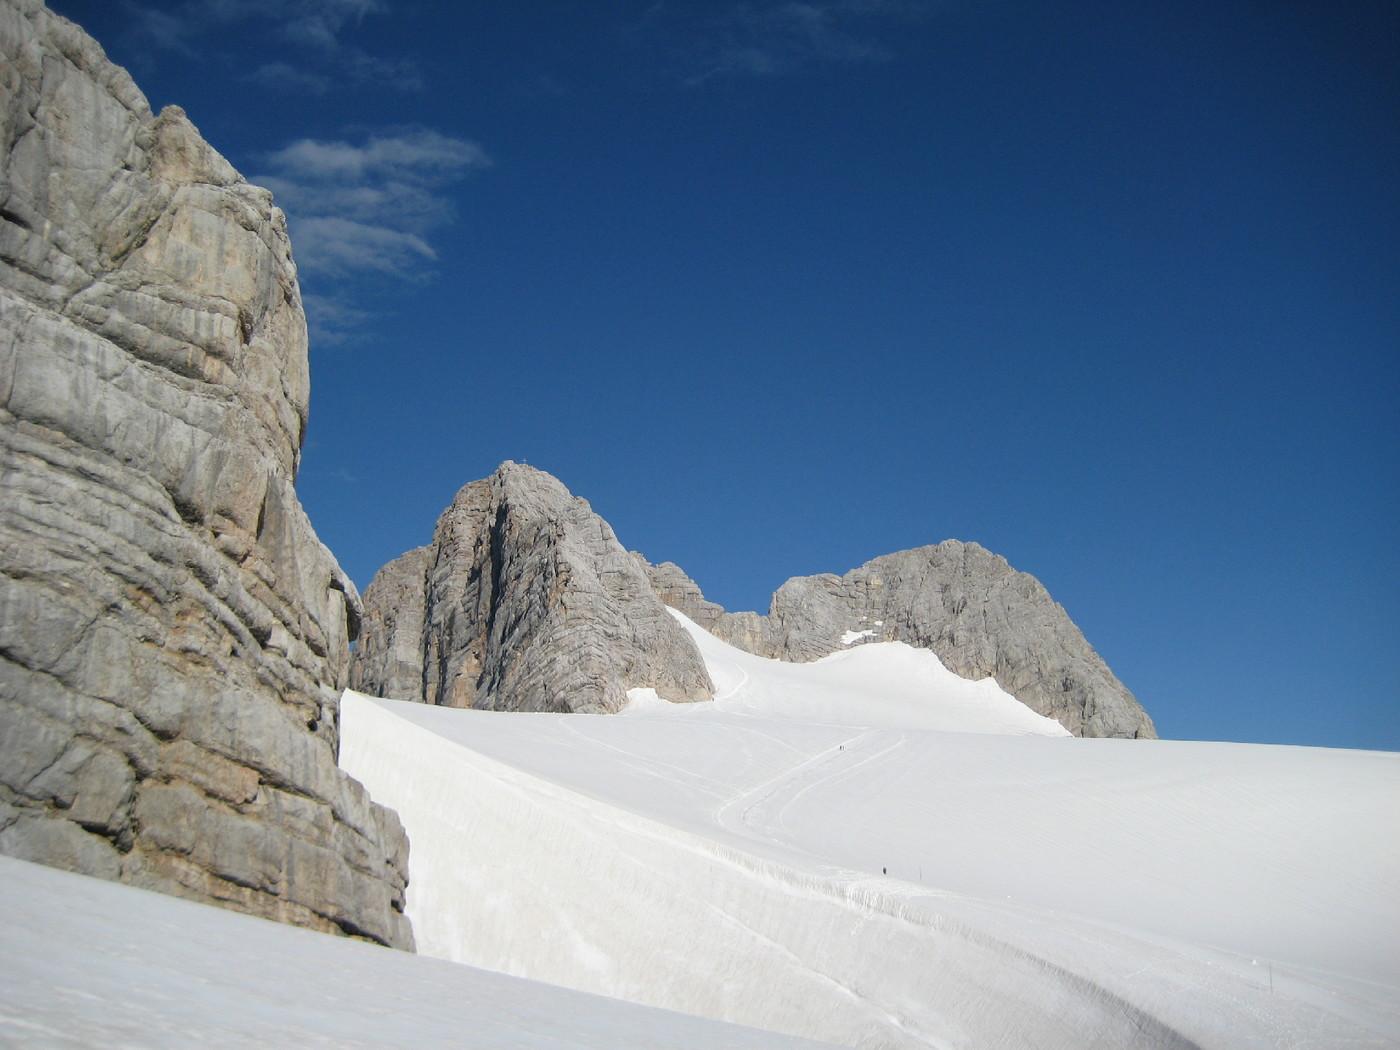 Klettersteig Johann Topo : Schulteranstieg hoher dachstein klettersteig gbl